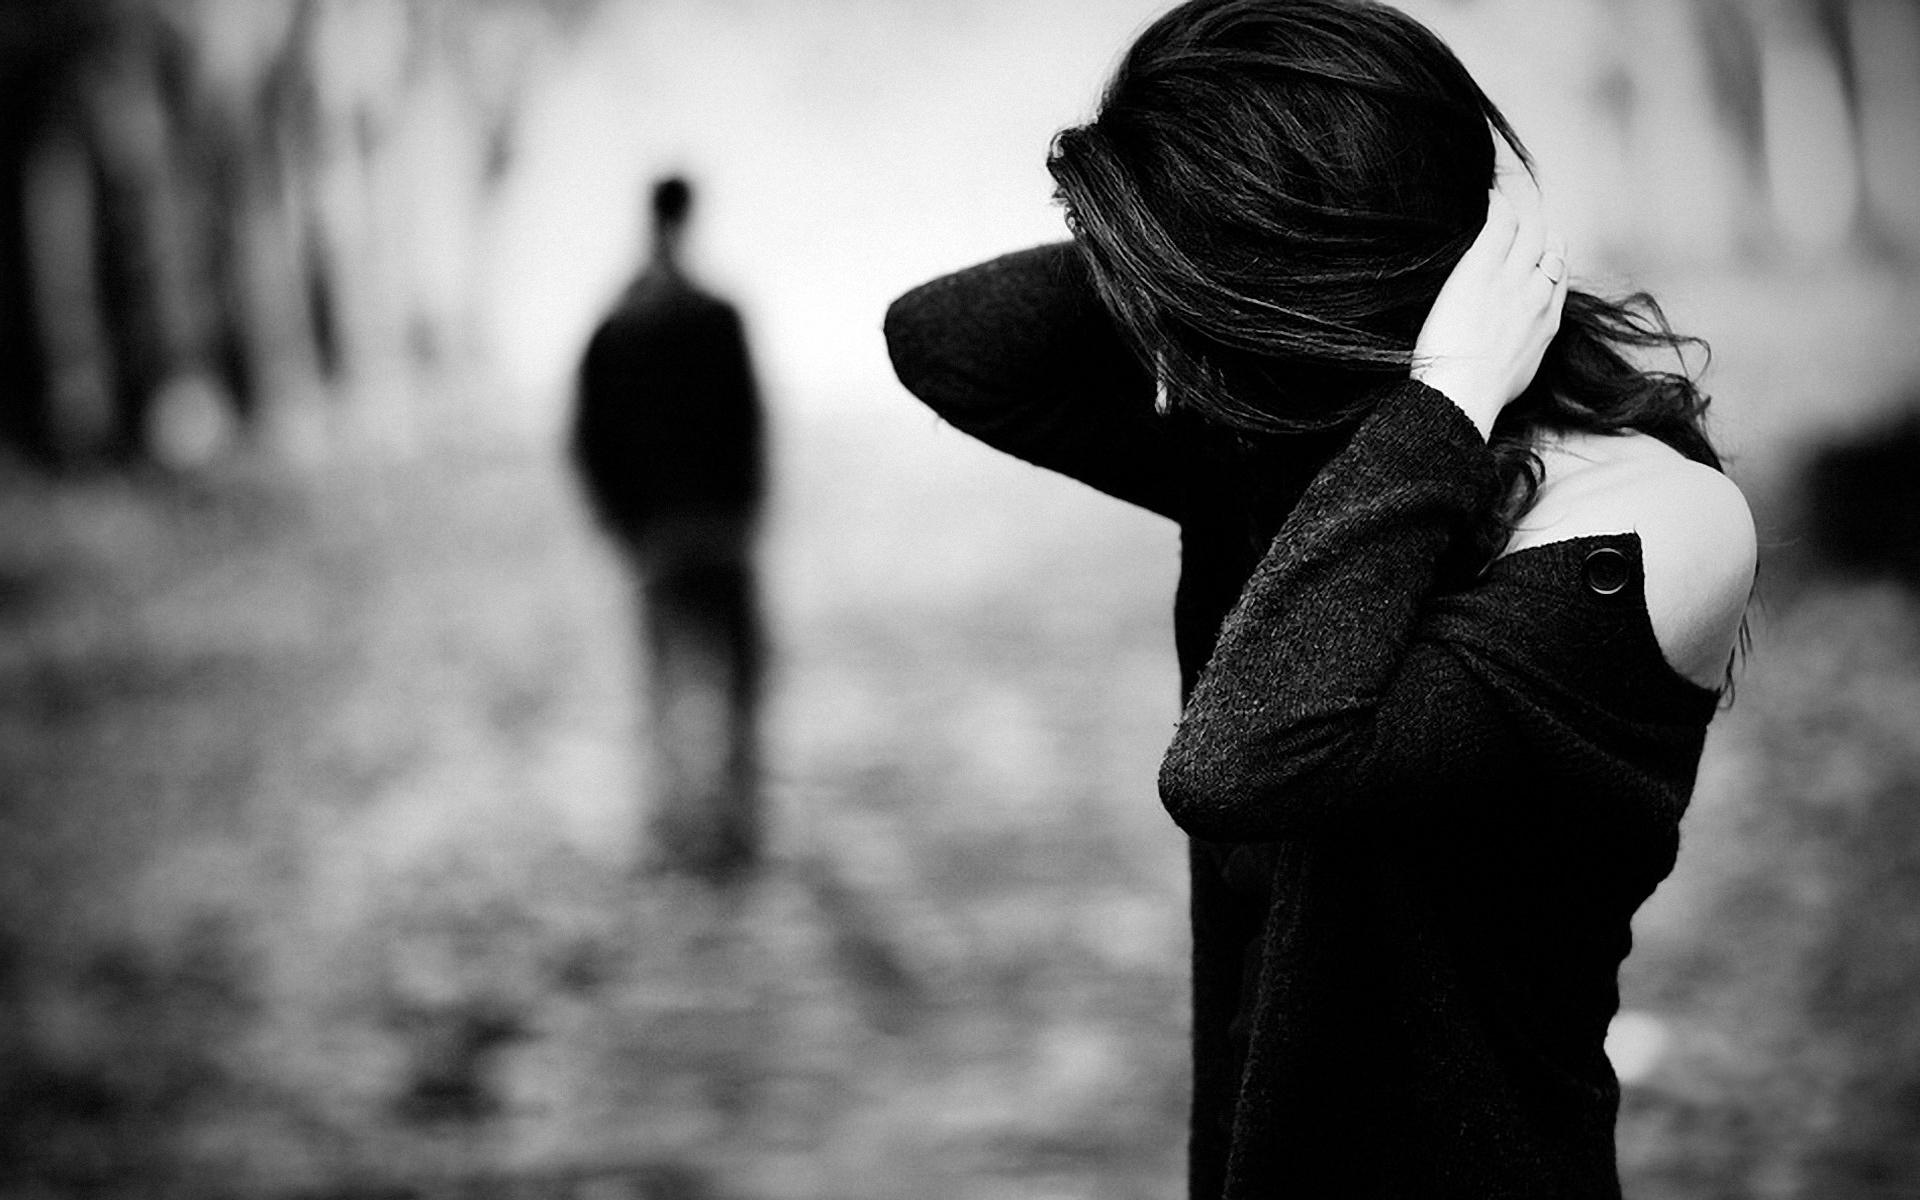 Тест: Кто виноват в вашем расставании, ты или твой бывший?